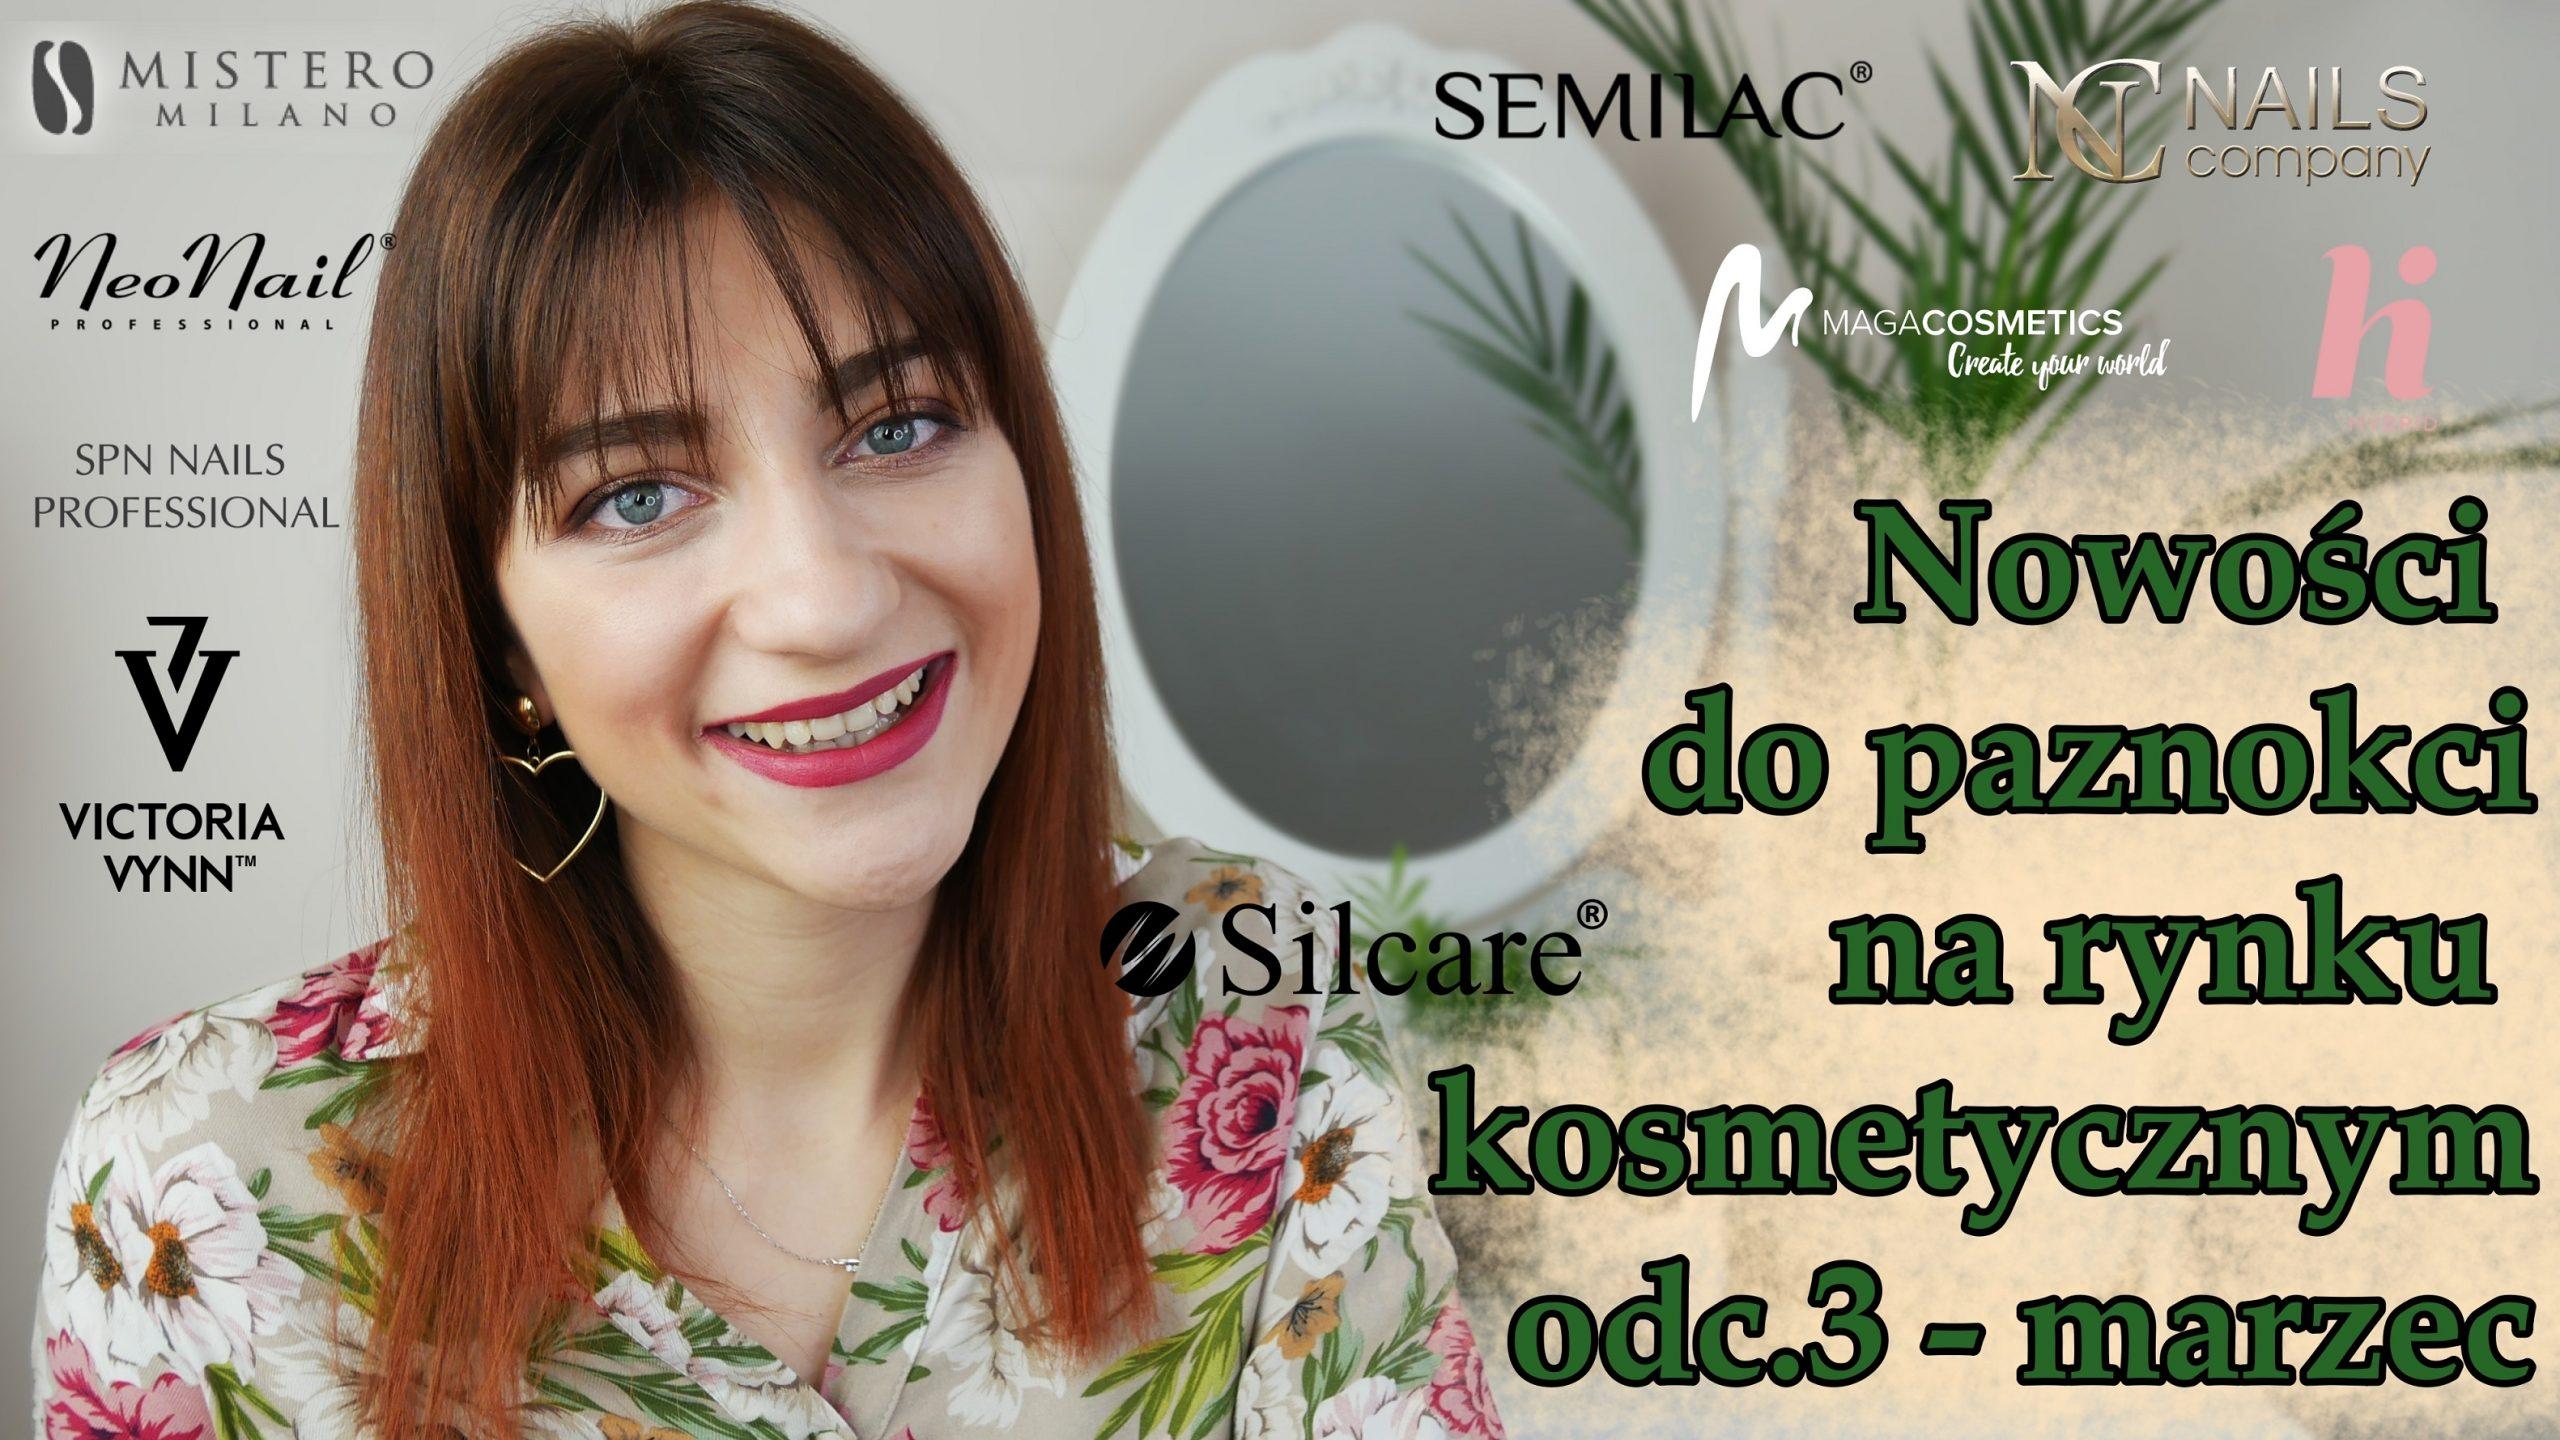 NOWOŚĆI DO PAZNOKCI na rynku kosmetycznym odc. 3 – marzec 2020 - Lakierowniczka